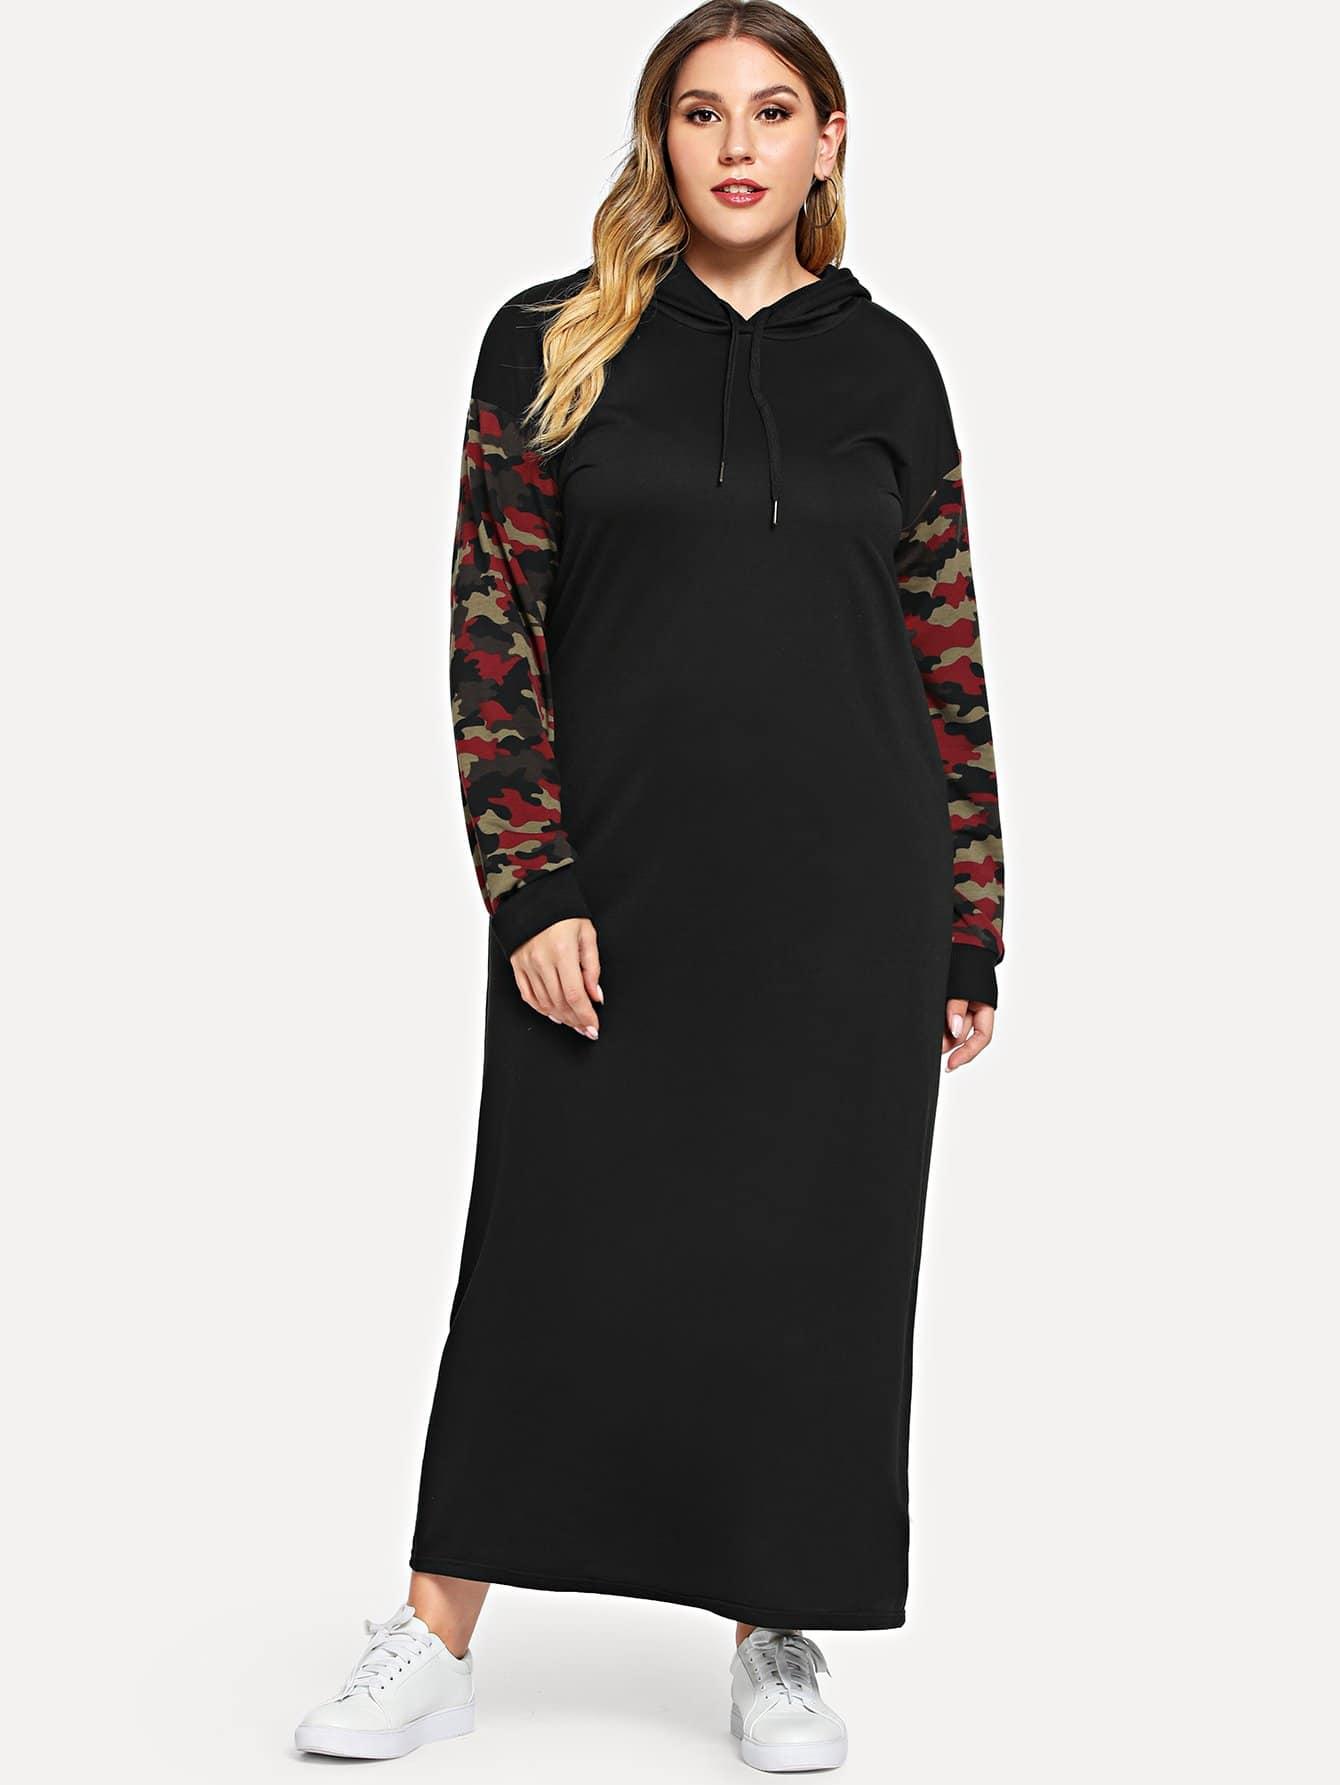 Размера плюс камуфляжное платье с капюшоном и кулиской